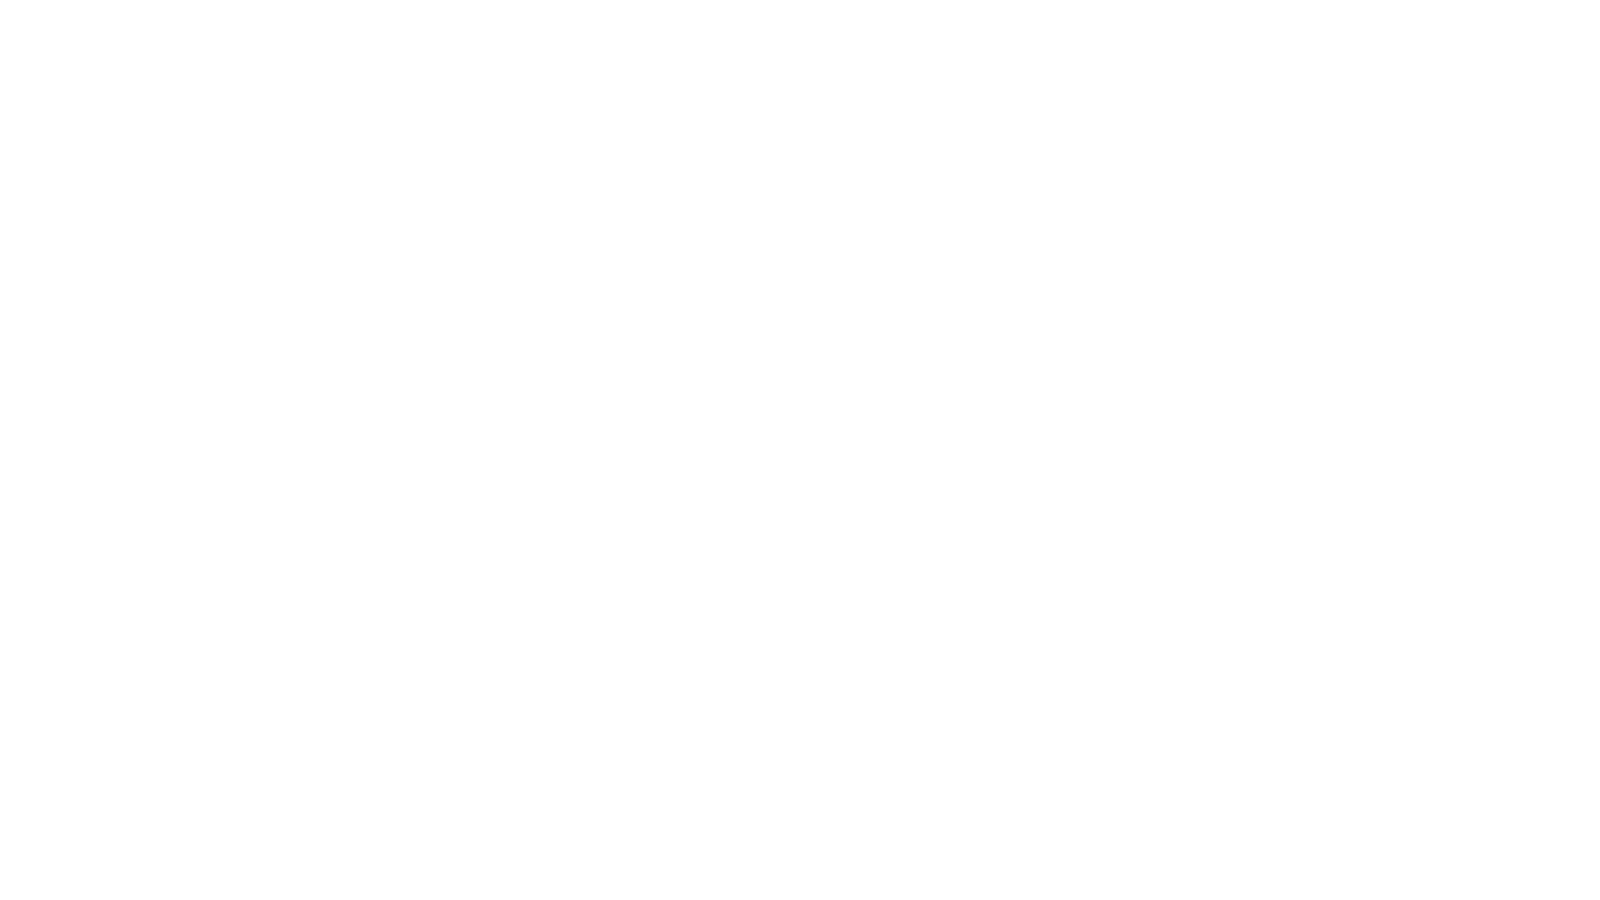 """Nosso entrevistado dessa vez é o Prof. Dr. Caetano W. Galindo (Universidade Federal do Paraná): escritor, tradutor, e um dos maiores especialista na obra de James Joyce do mundo. Conversamos sobre a relação entre Joyce/Literatura e Arqueologia!  (Entrevista realizada em 06/09/2021)  Caetano W. Galindo Facebook: https://www.facebook.com/people/Caetano-W-Galindo/100005347786183/  Website: https://sites.google.com/site/cwgalindo/Home   ------------------- Abertura: 0:00  Formação acadêmica e interesse por James Joyce  01:30  """"Glitches"""" na arqueologia dos jogos e na literatura 03:46  Materialidade do Bloomsday 16:10   Edifícios na obra de Joyce como lugares de memória mutáveis 24:26  As diversas """"Dublins"""" 28:36  Agência dos objetos na obra de Joyce 36:07  Encerramento: 44:56  -------------------- Acompanhe-nos em nossas redes sociais! Facebook -  https://www.facebook.com/archarise Twitter -  https://twitter.com/arch_arise Instagram -  https://www.instagram.com/archarise/ Twitch -  https://www.twitch.tv/archarise Site -  http://www.arise.mae.usp.br/  #ARISE #Entrevista #CaetanoGalindo"""